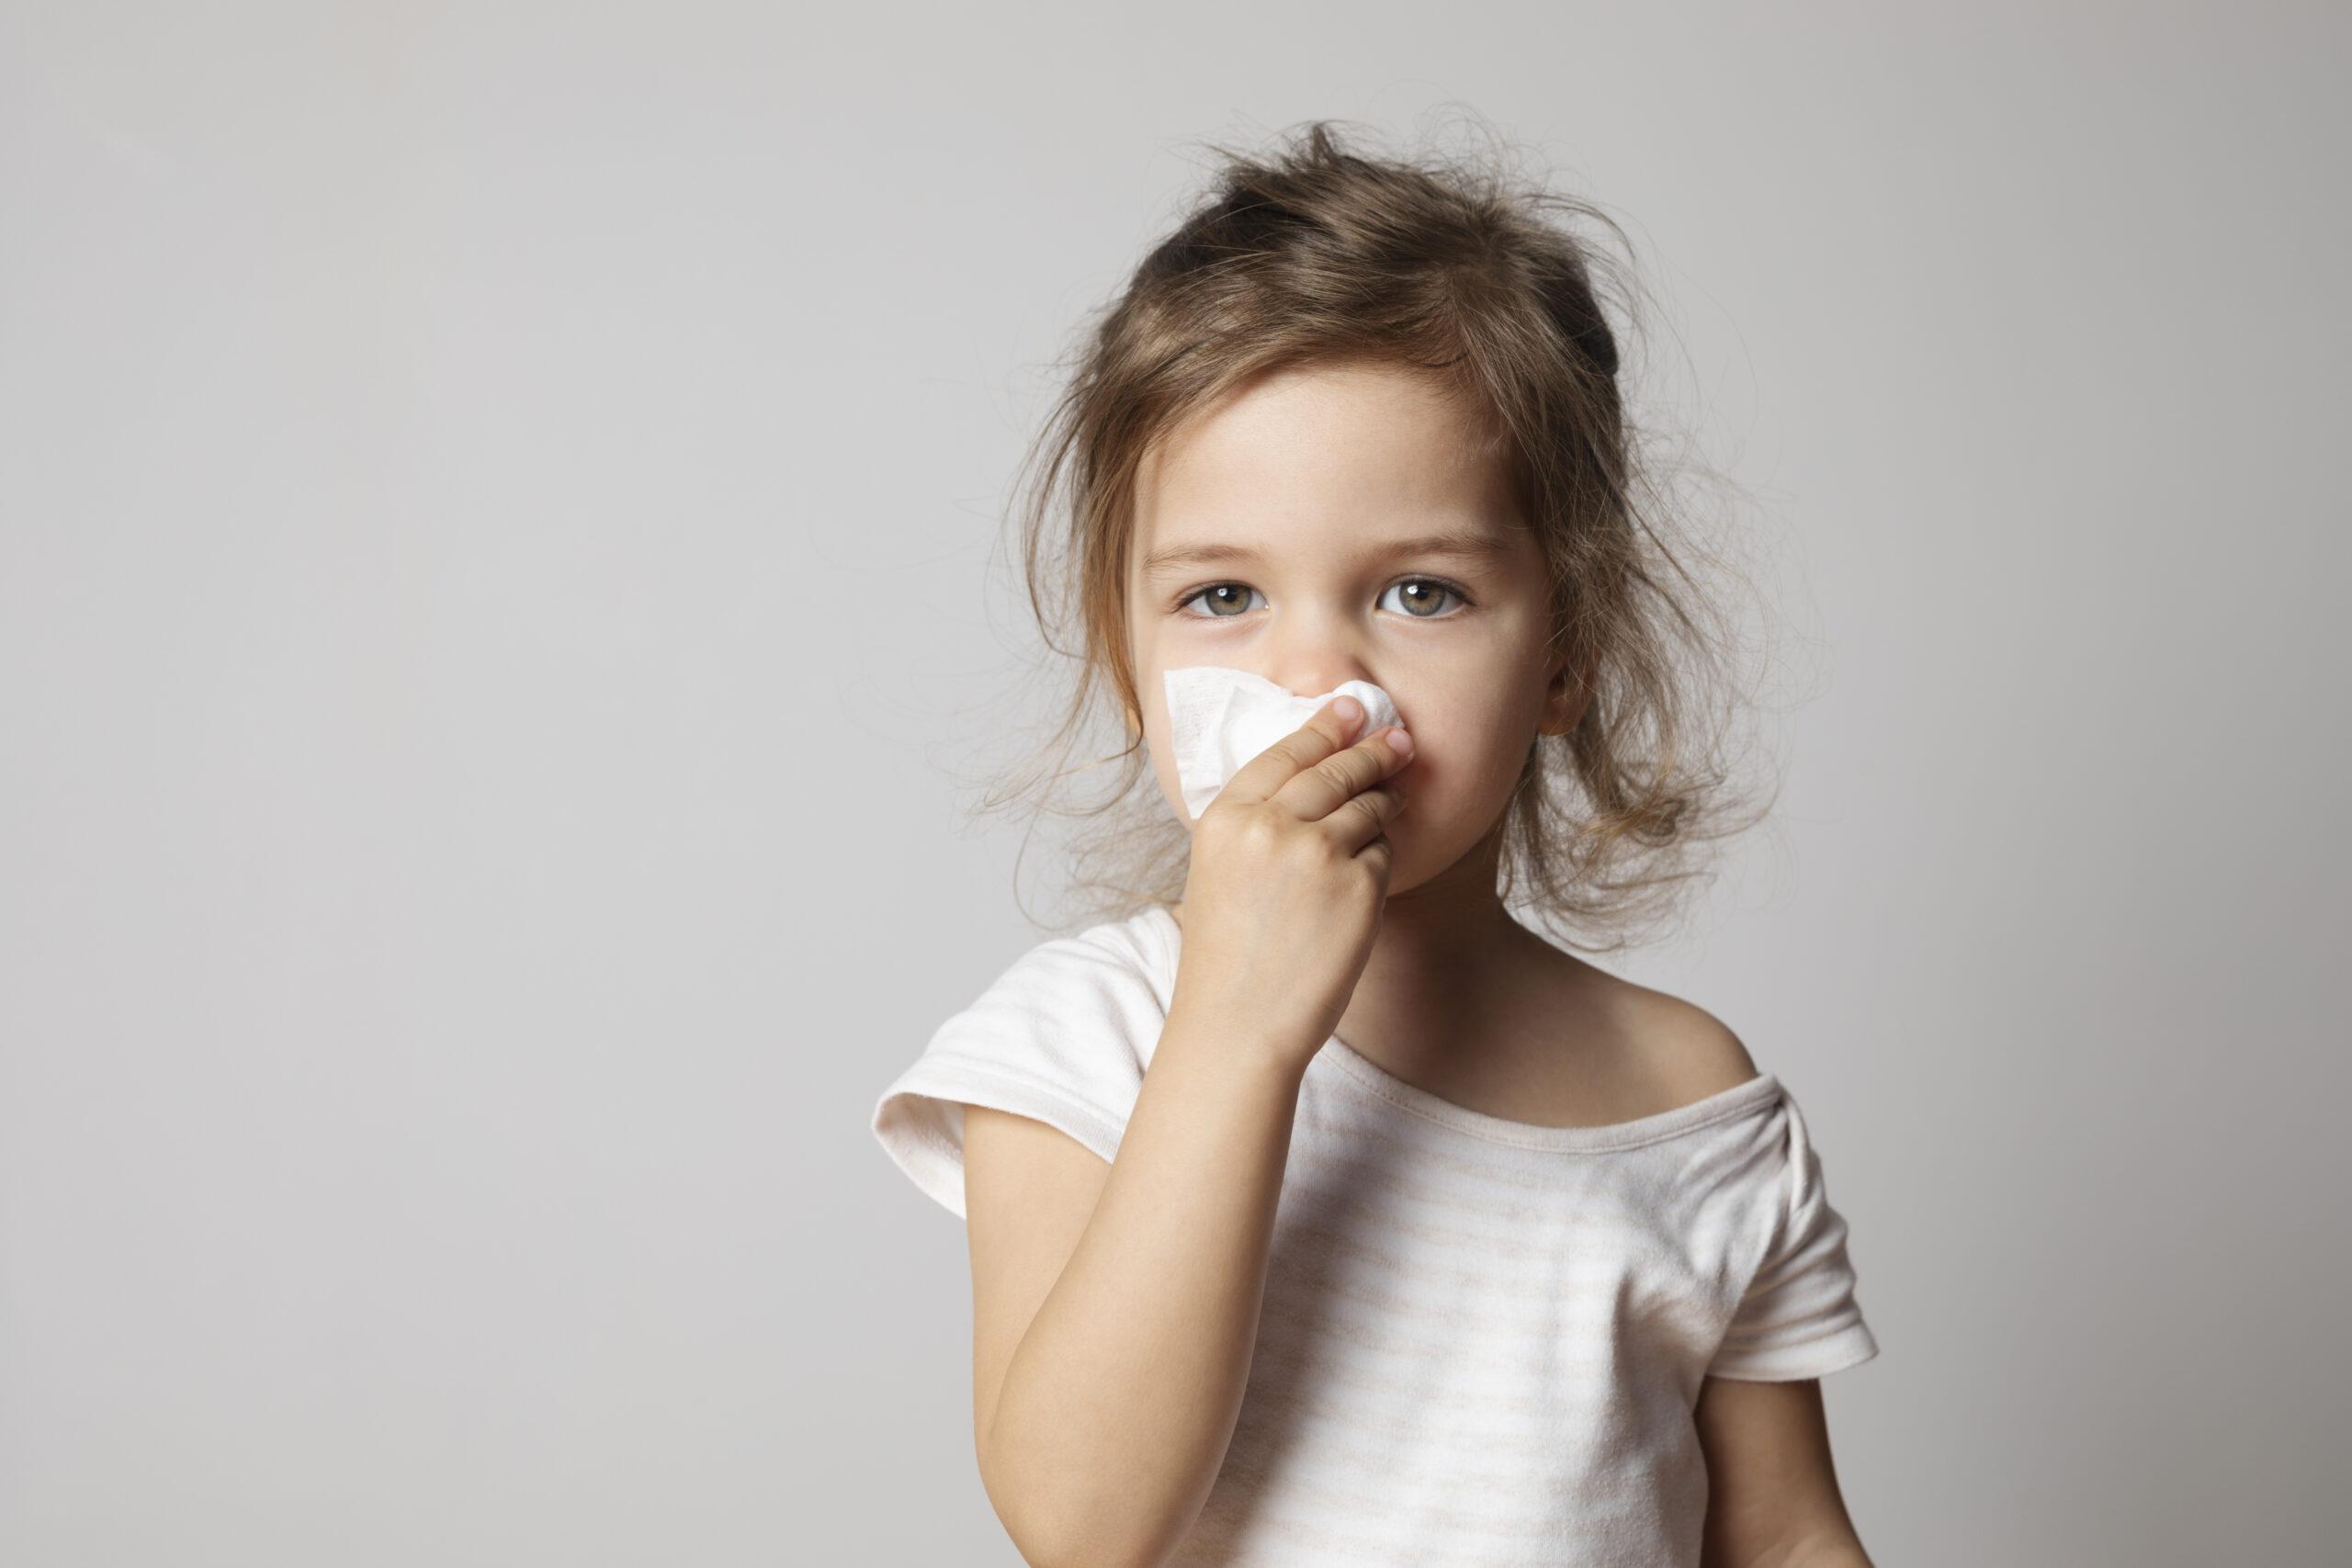 5 σημάδια ότι το παιδί σου έχει αλλεργίες